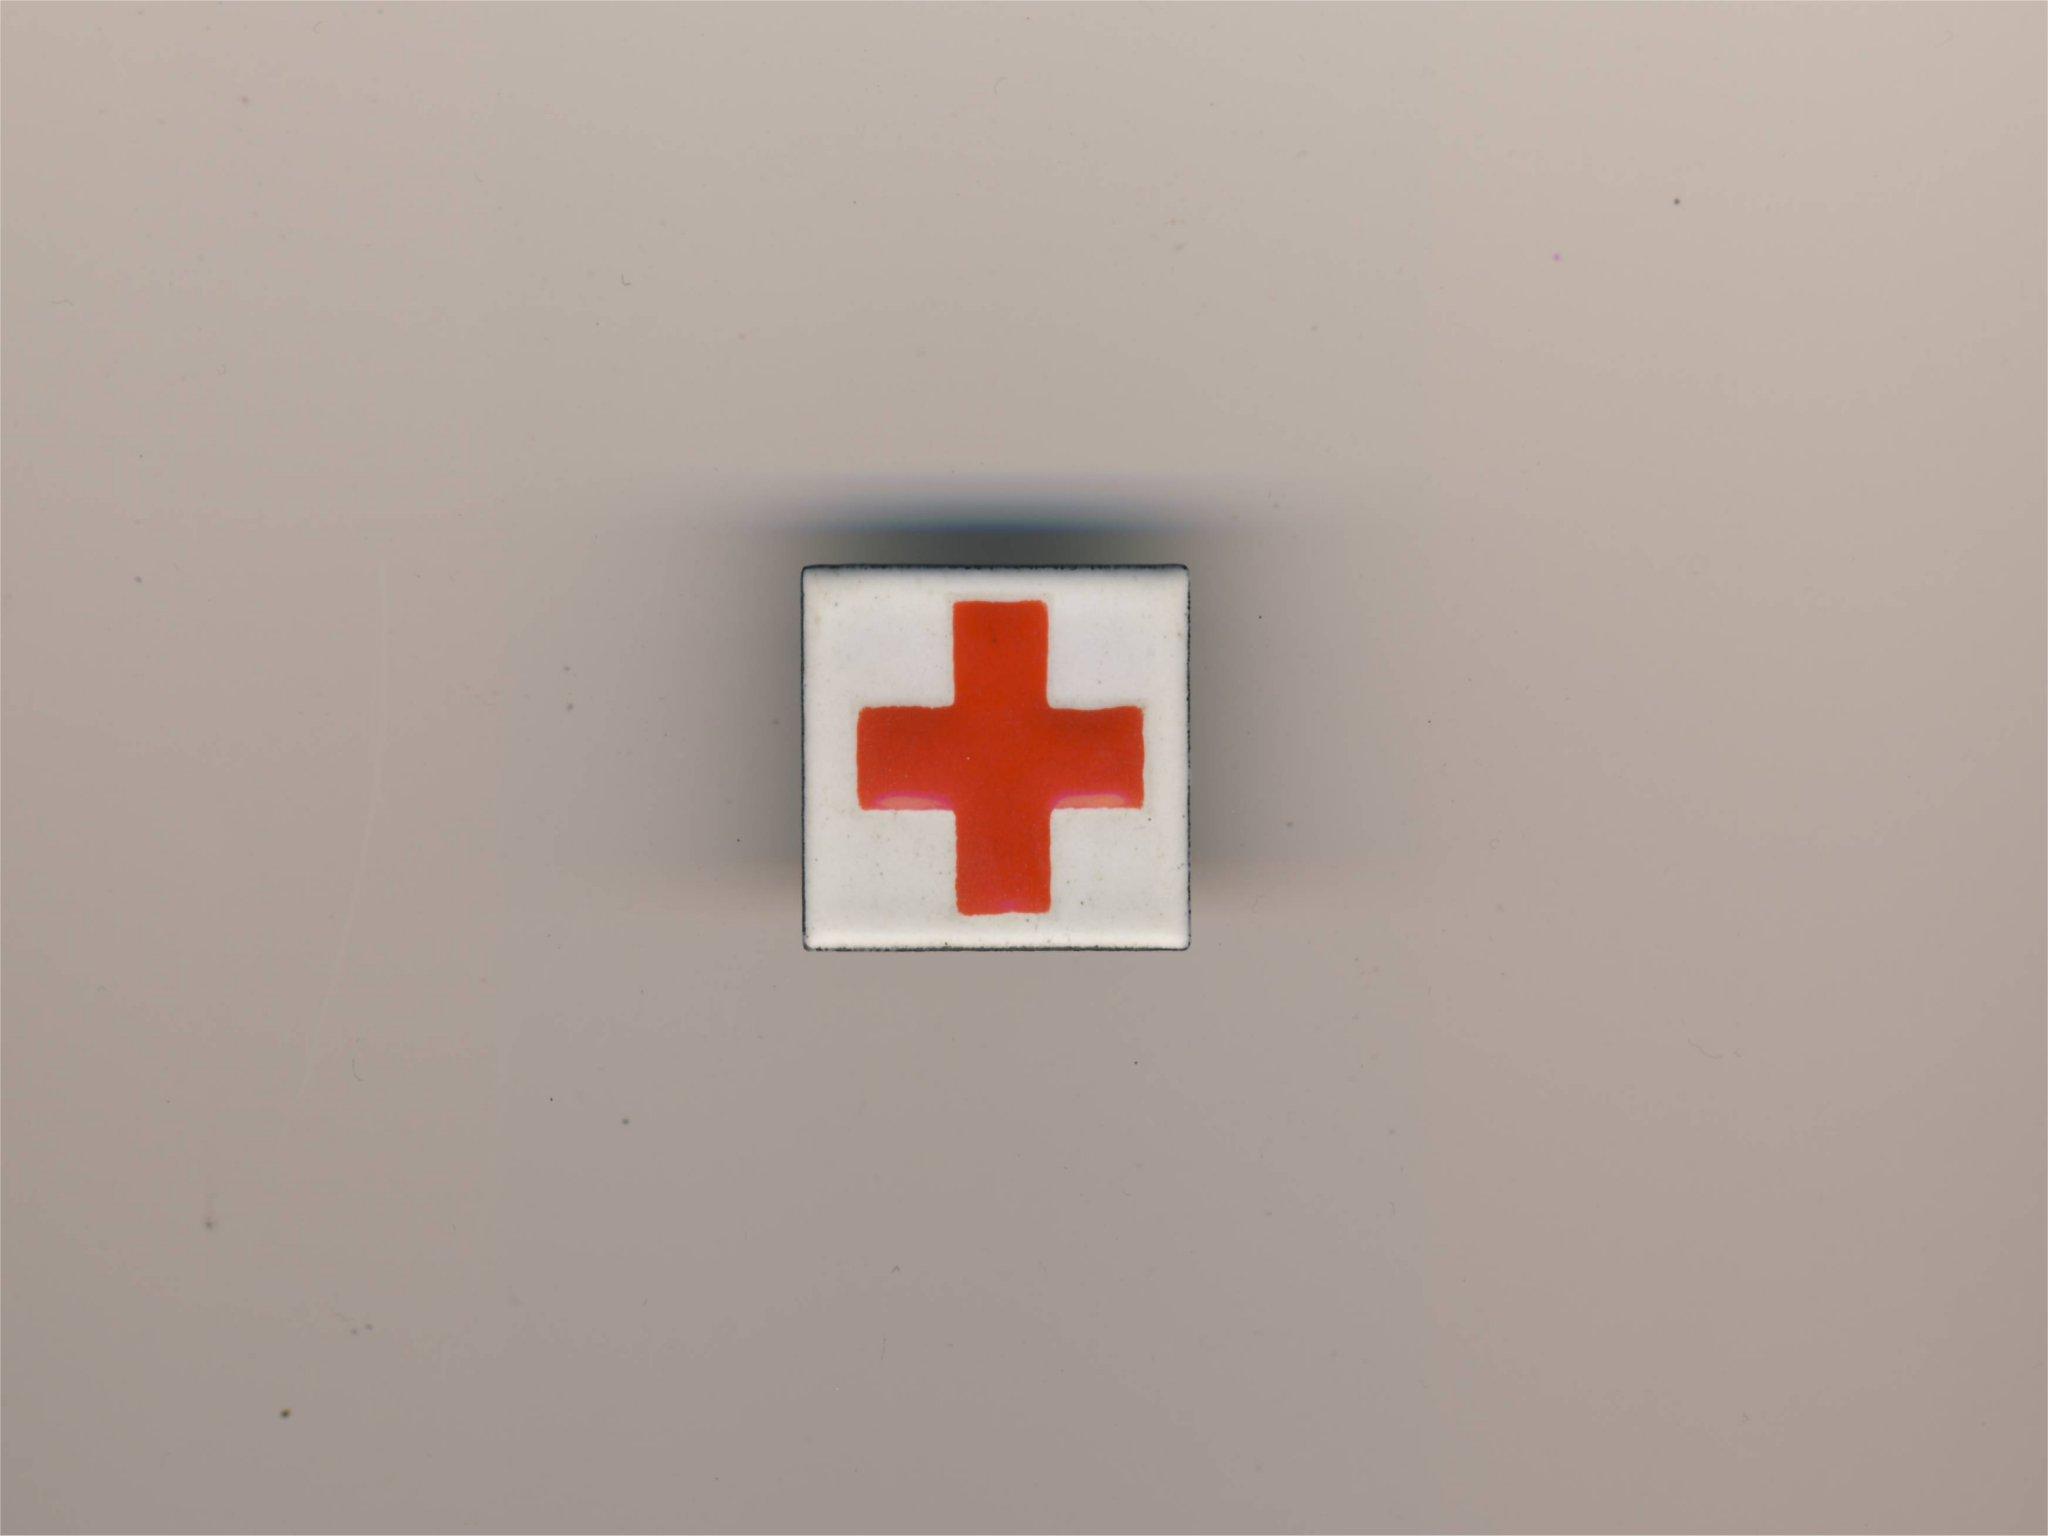 Insigne Nederlands geneeskundige troepen speldje van het Nederlandse leger uit de tweede wereldoorlog insigne mobilisatie periode 1939 1940